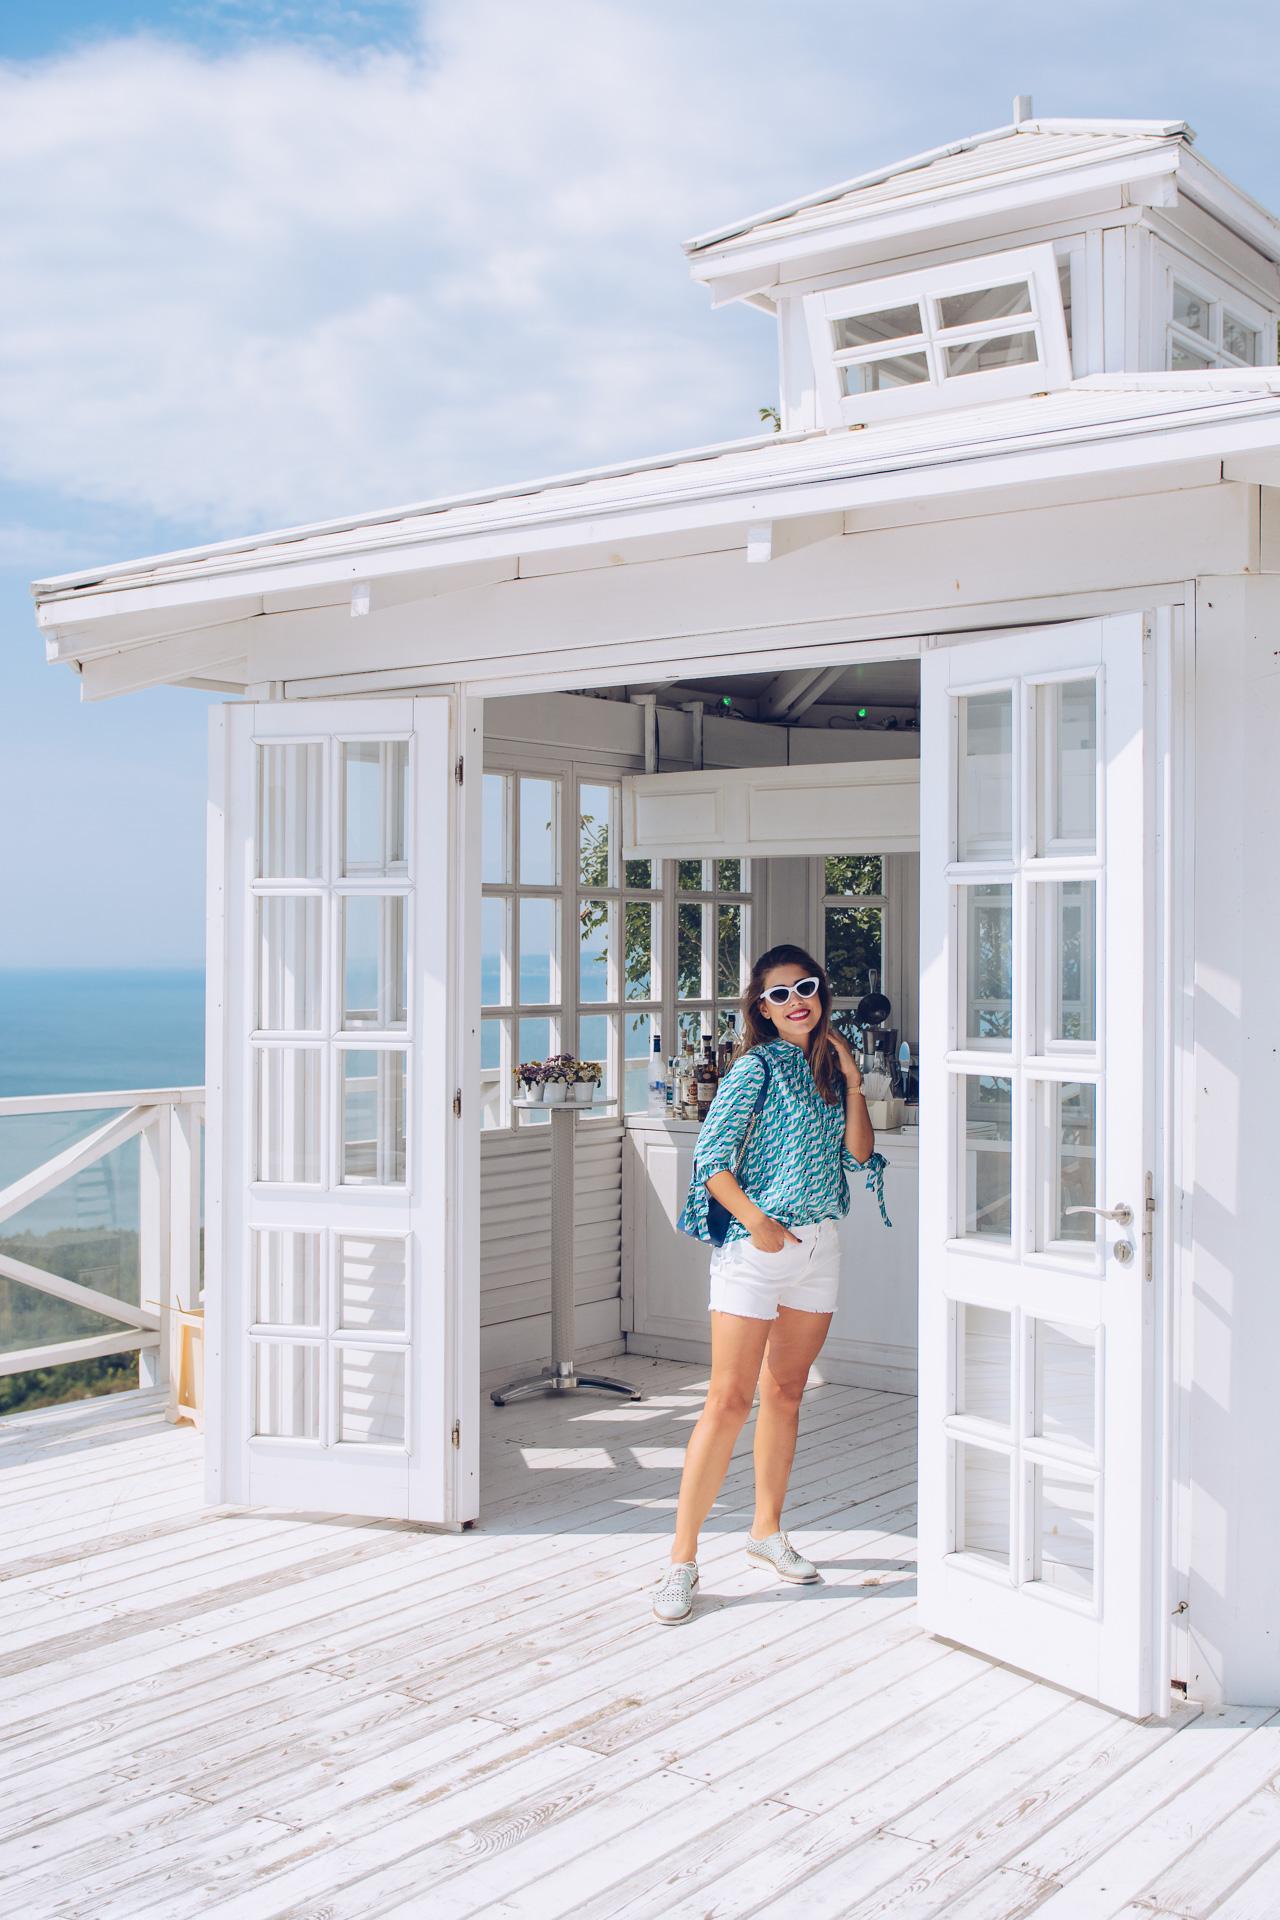 Lighthouse fashion blogger